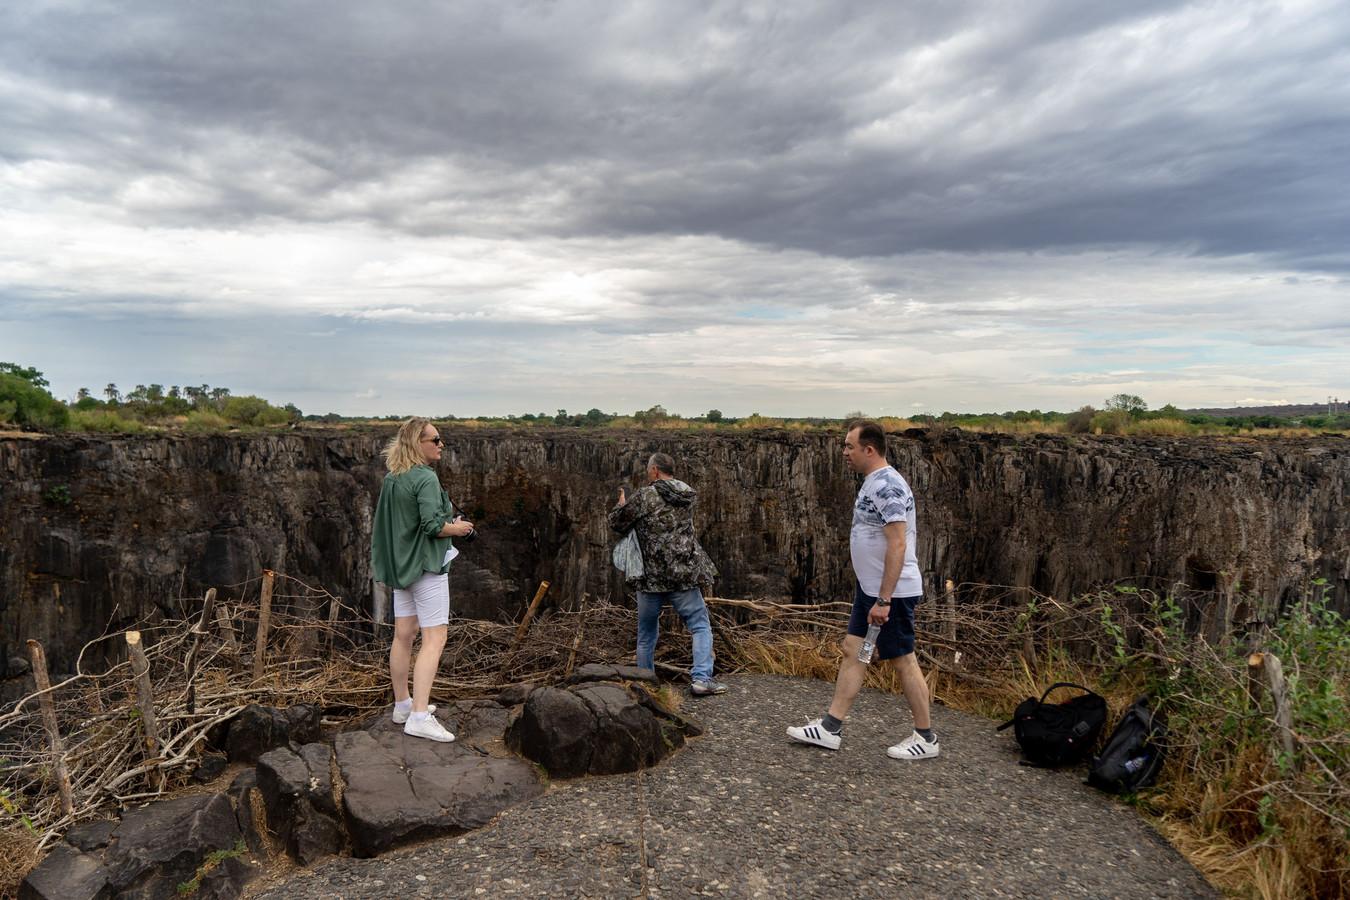 Toeristen reageren teleurgesteld als zij de drooggevallen waterval zien. Van de Victoria Falls, onderdeel van de lijst van werelderfgoed, is weinig meer over. FOTO ZINYANGE AUNTONY / AFP